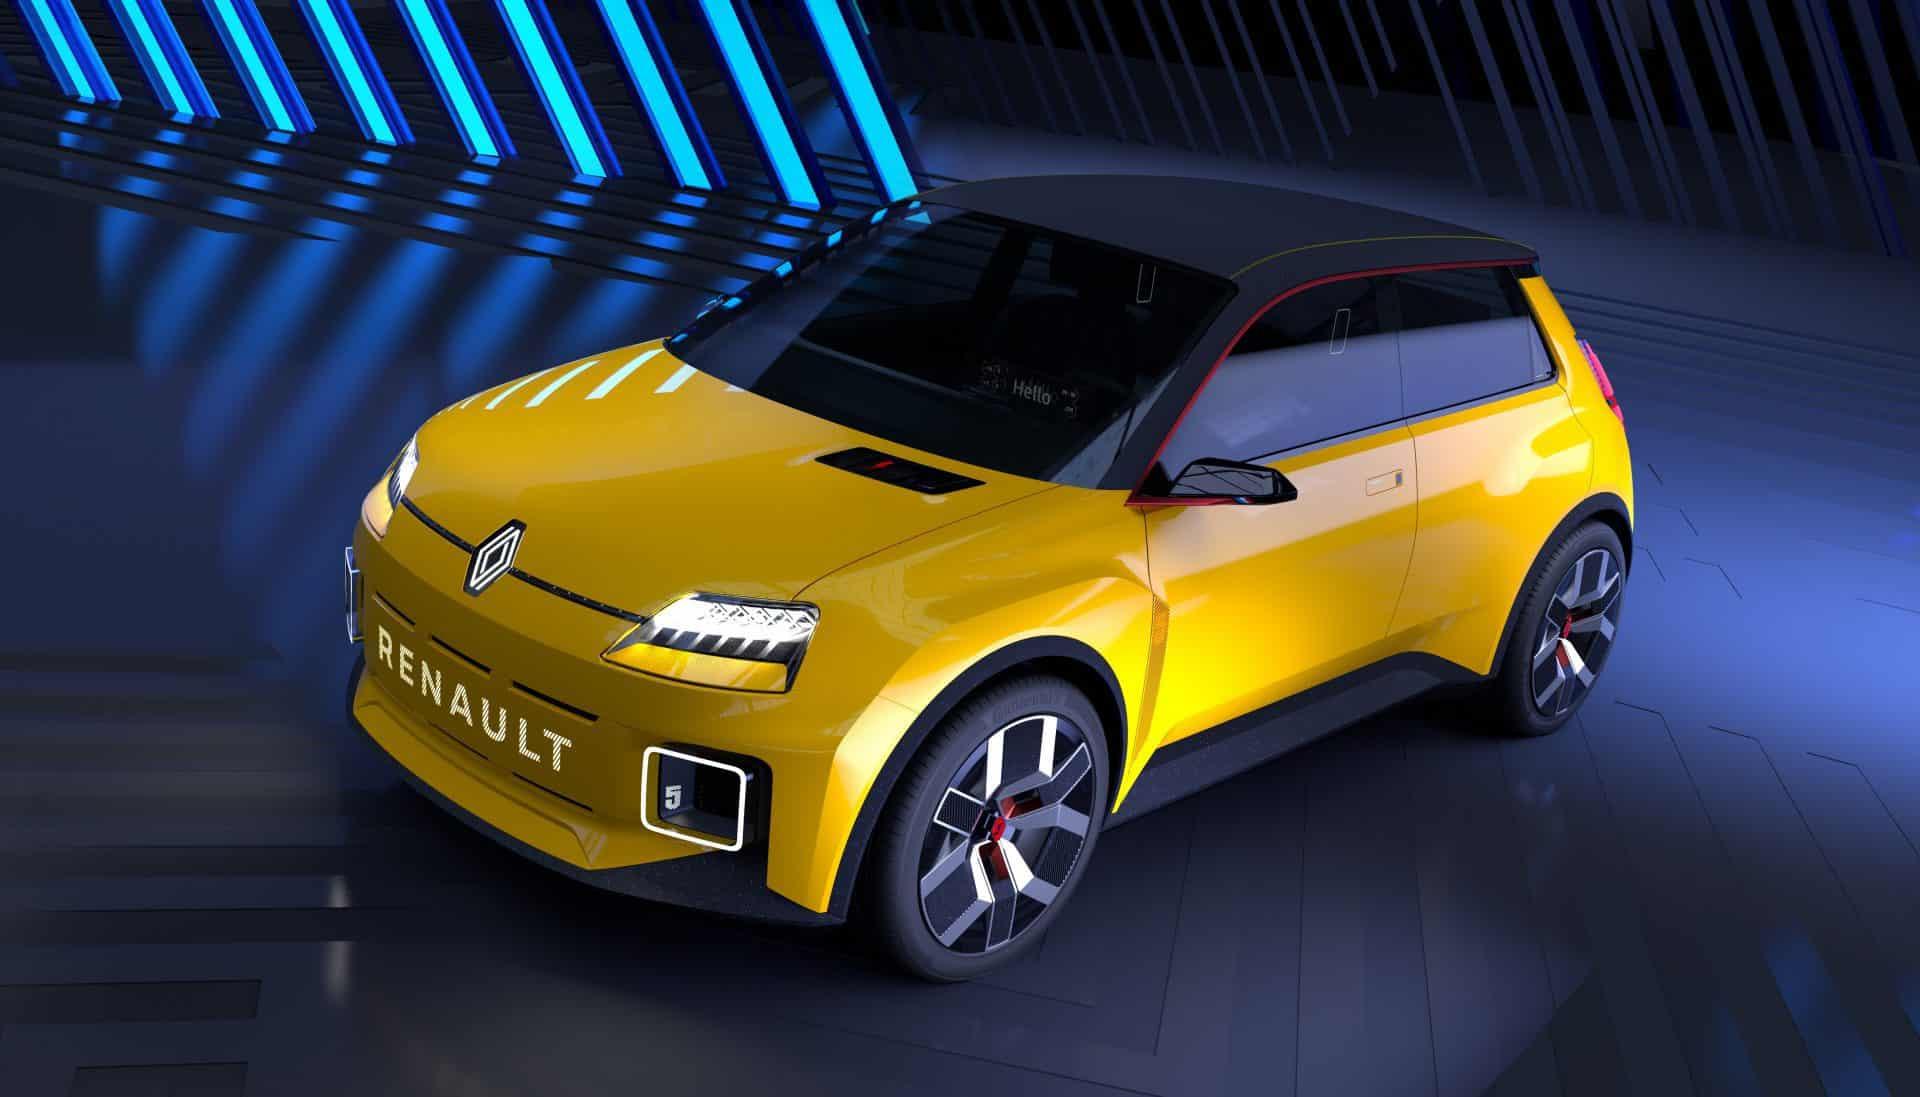 Renault con objetivos claros en el camino eléctrico